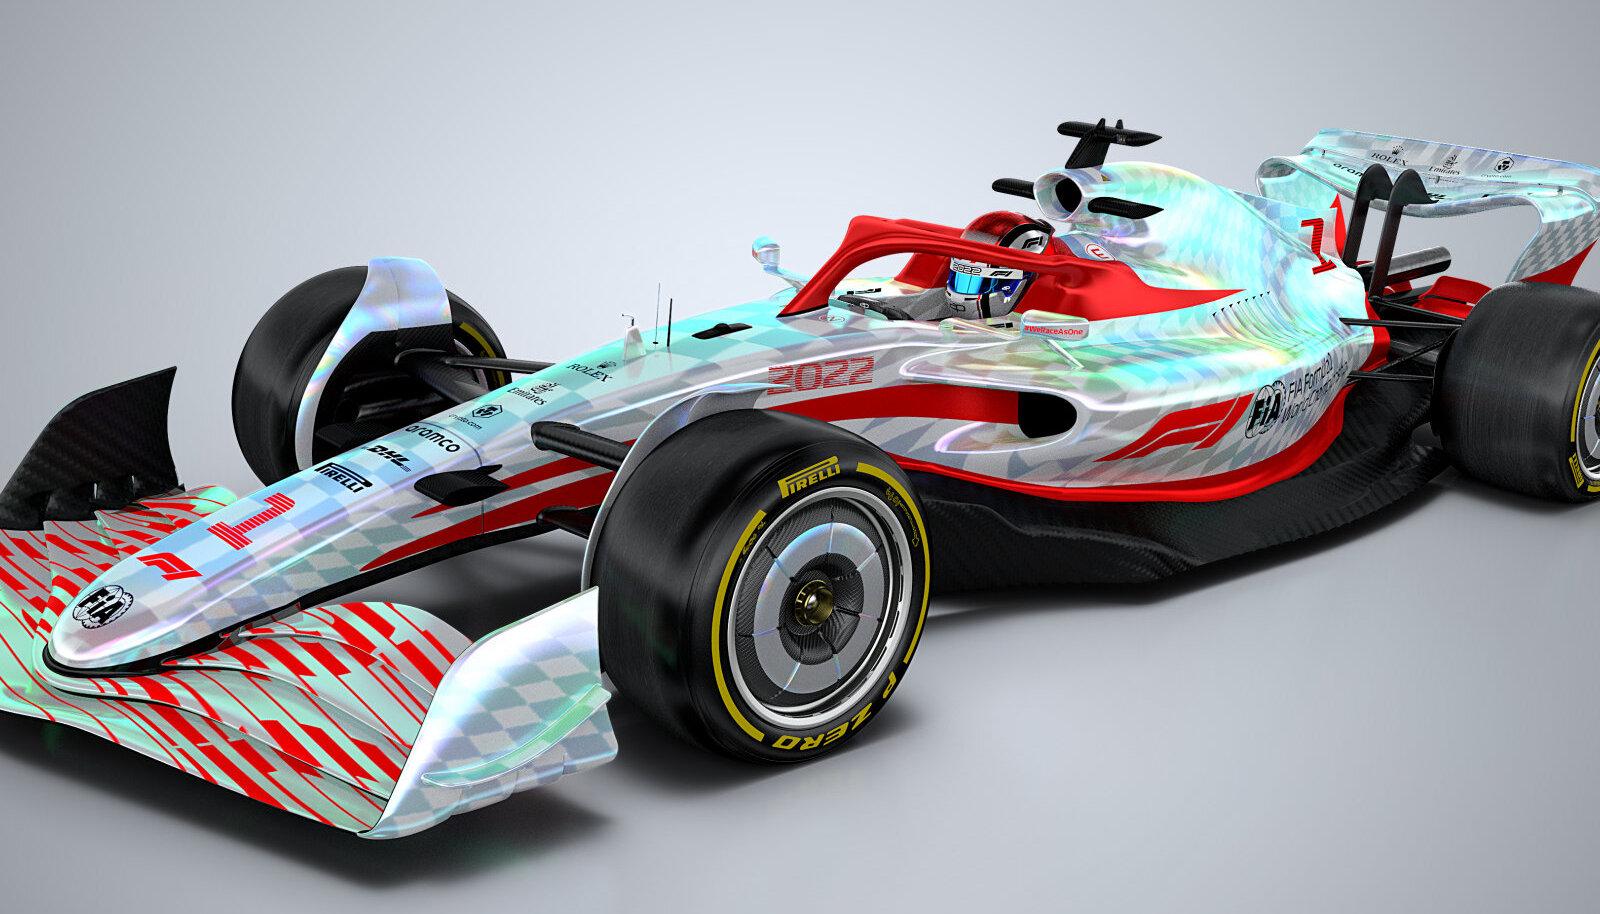 F1 uus auto